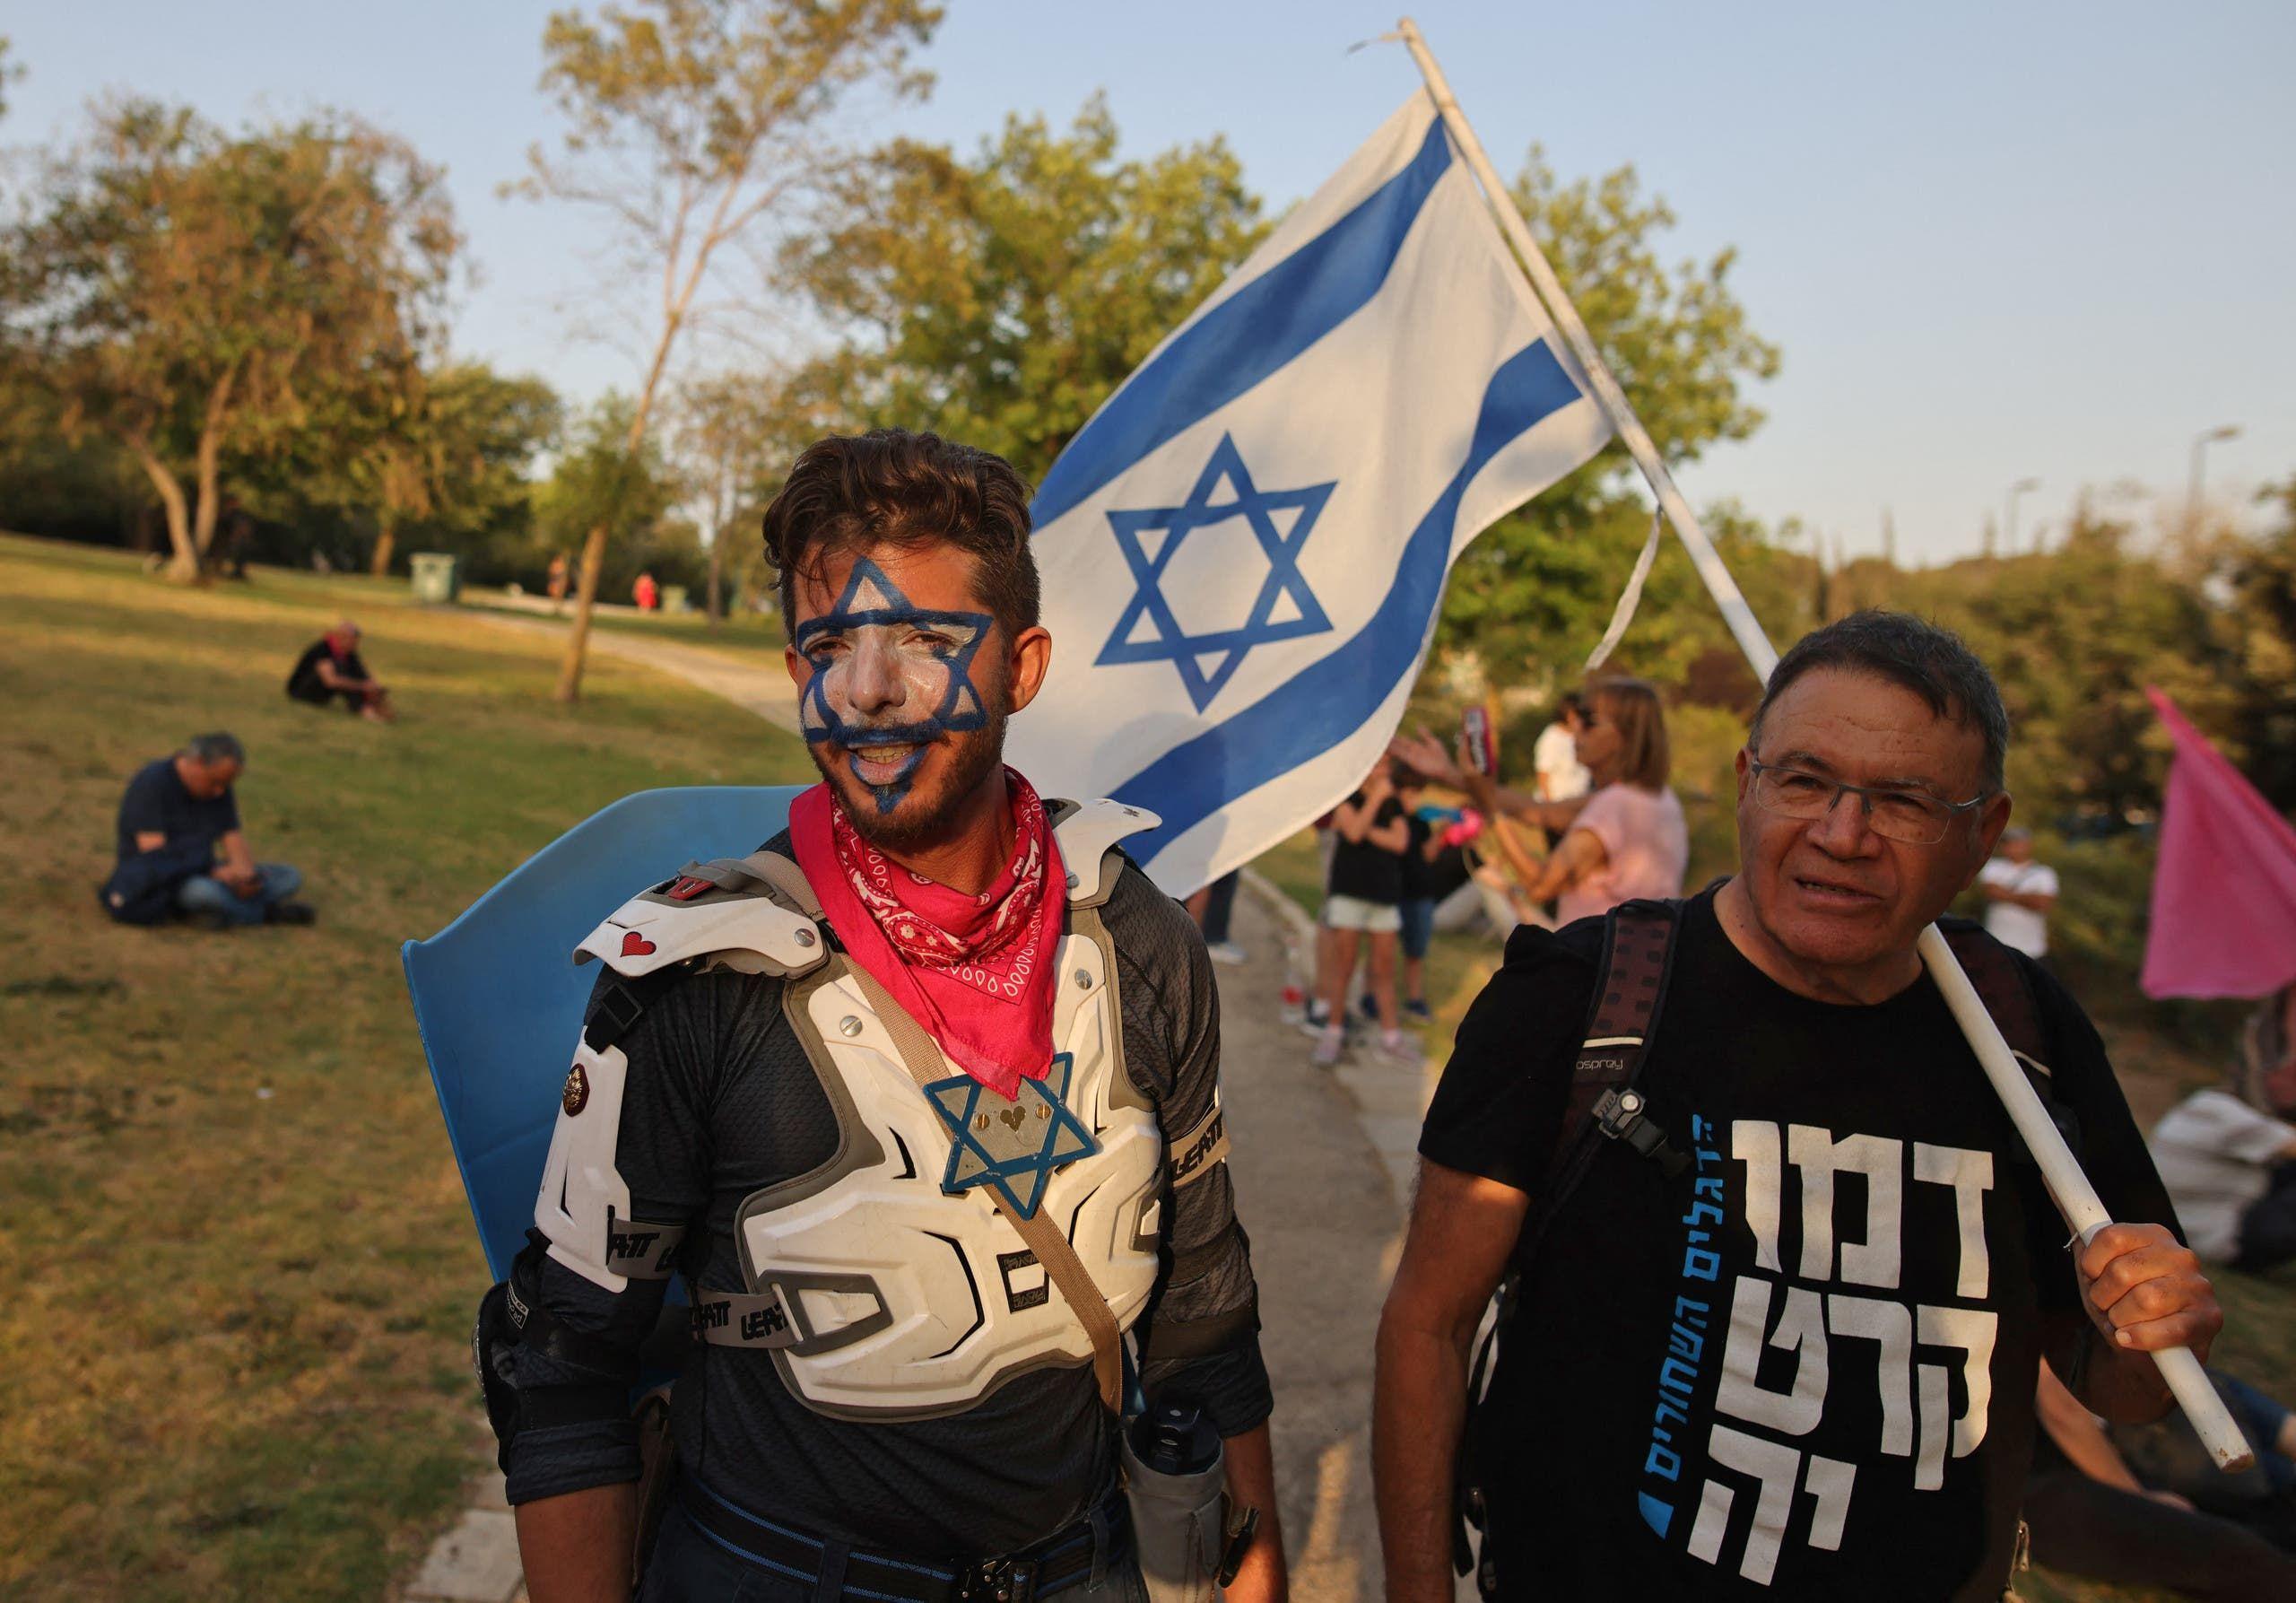 مناصرون لرئيس الوزراء الإسرائيلي الجديد بينيت (فرانس برس)